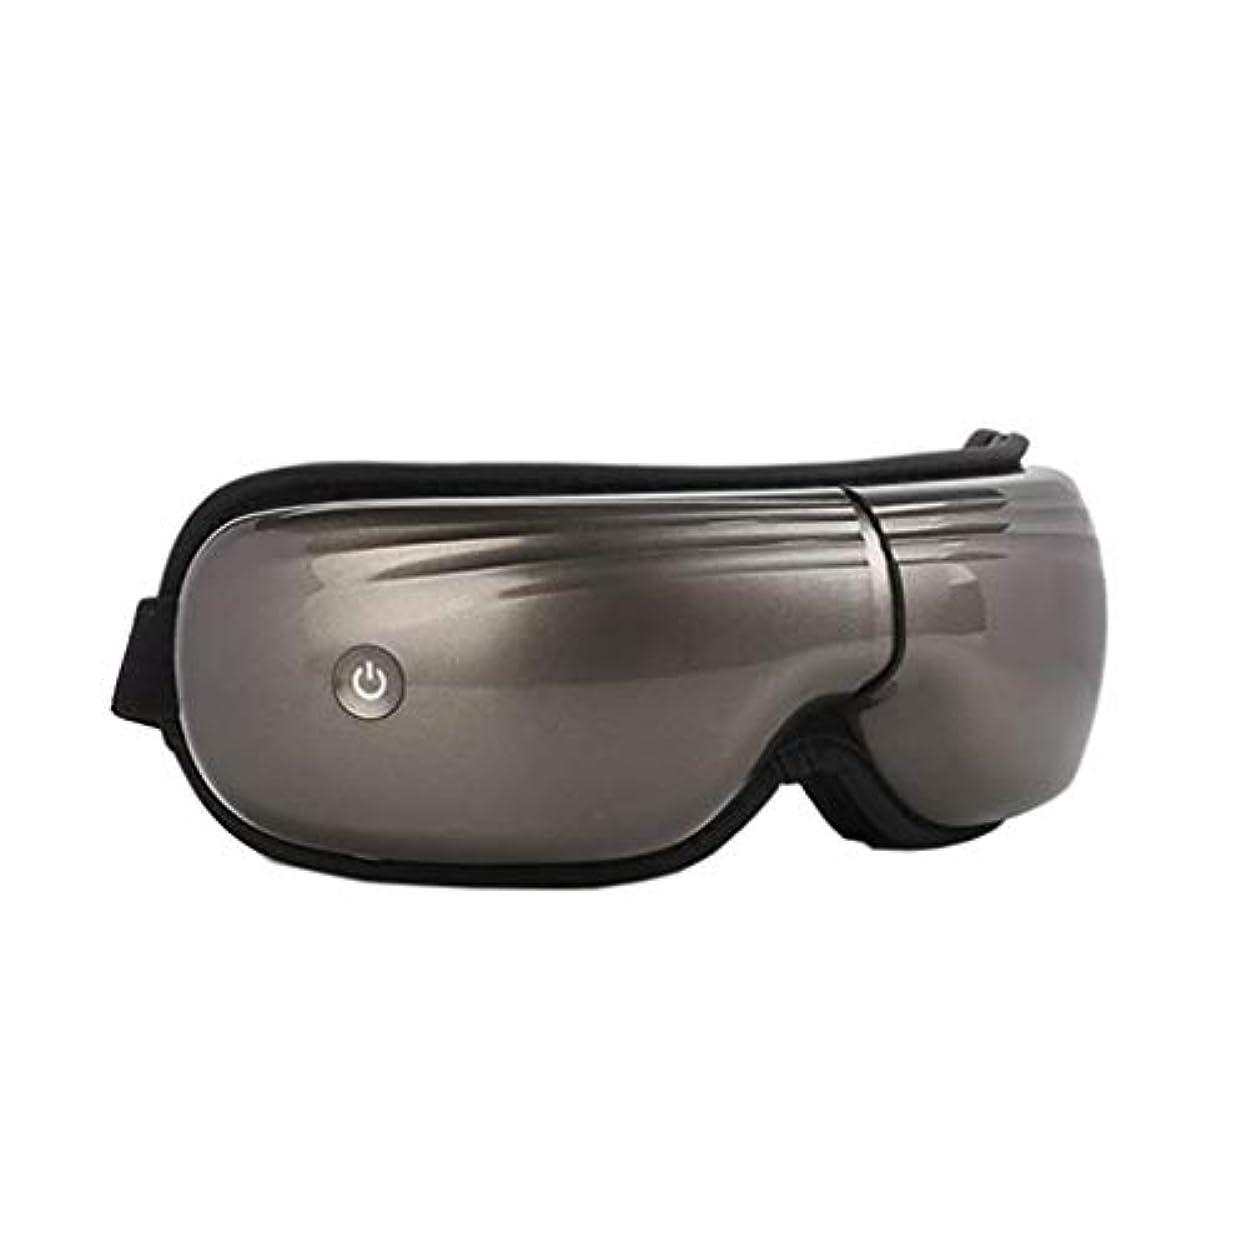 抵抗力があるカートン槍マッサージアイマスク、5つの調整可能なマッサージモードを備えた振動式ワイヤレスアイマッサージャー、なだめるような音楽、アイリラクシングアイバッグとダークサークル、目の疲れを和らげる (Color : Grey)